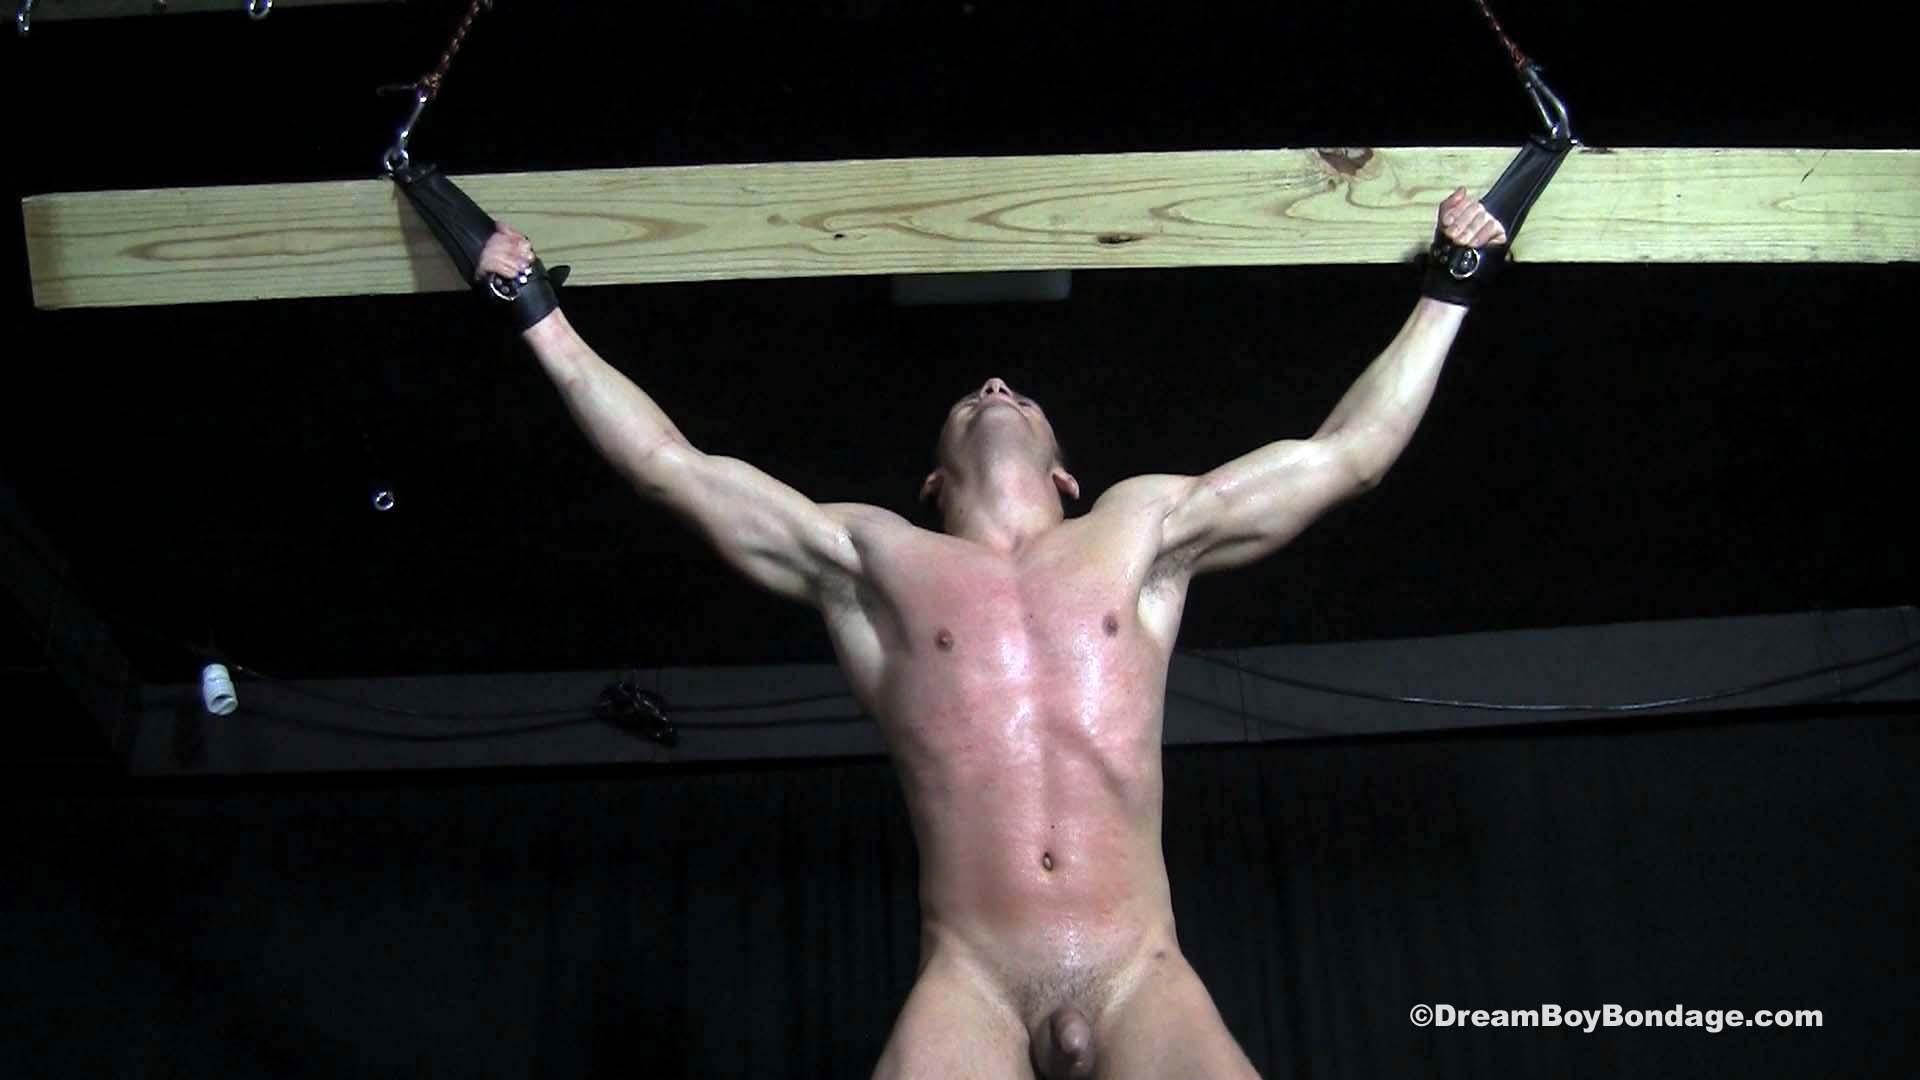 Boy bondage crucify and male foot bondage